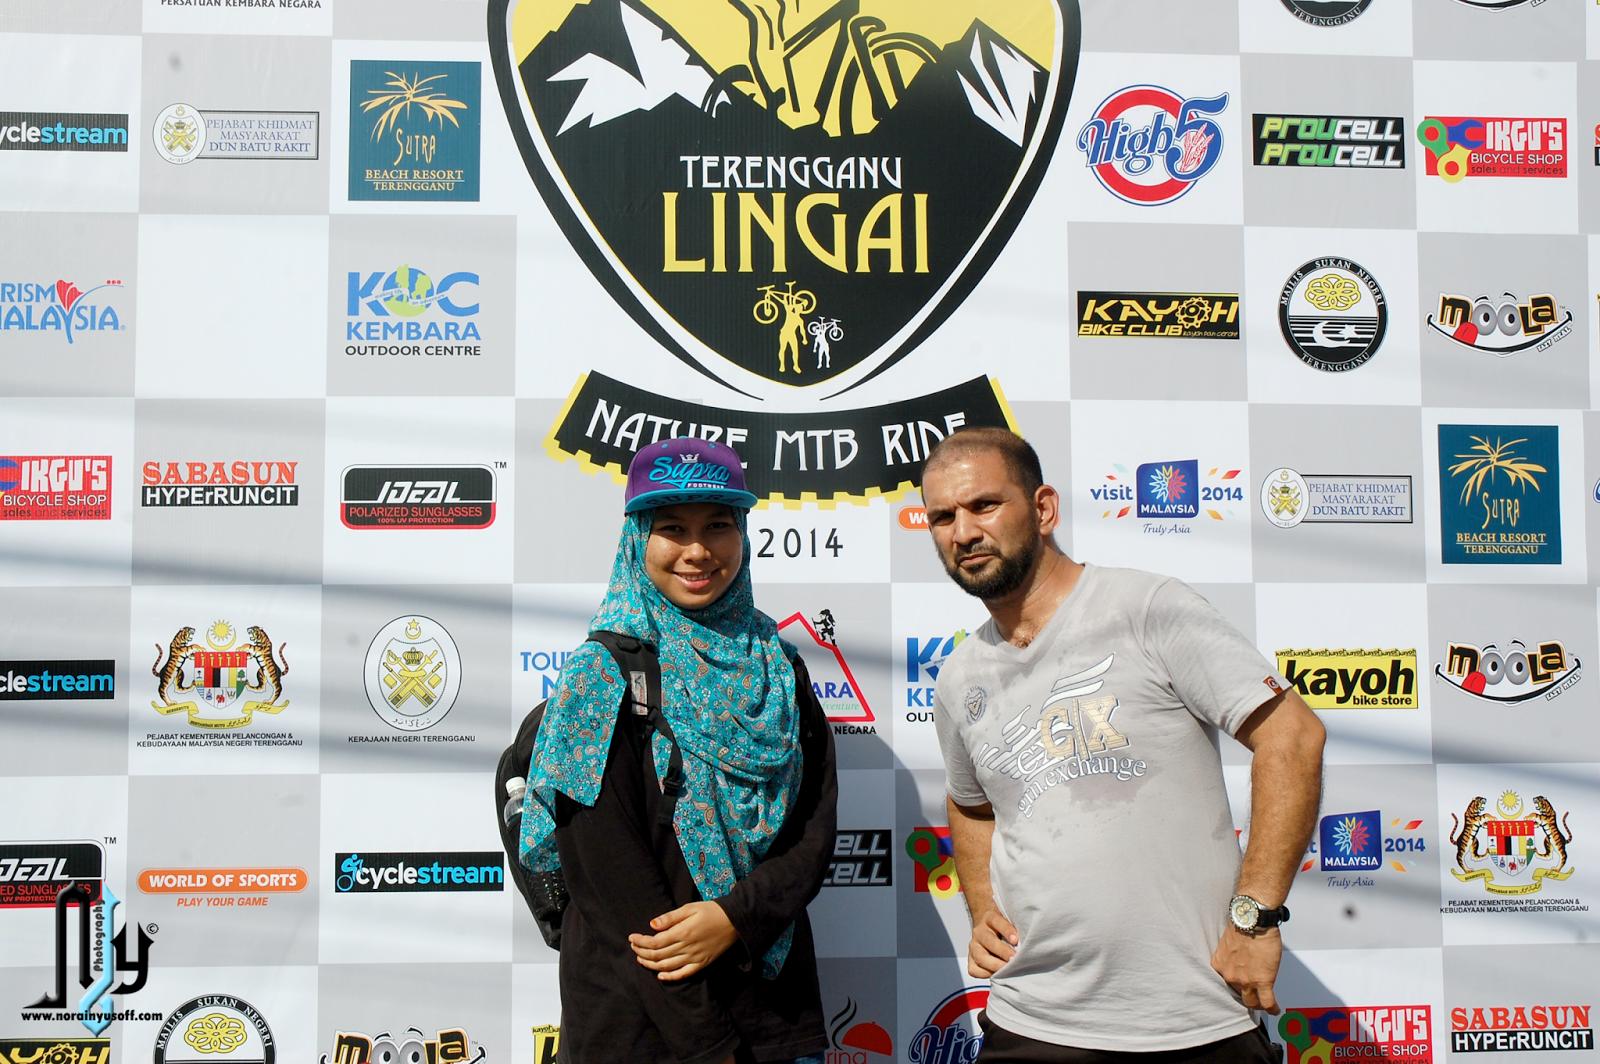 Terengganu Lingai Nature MTB Ride 2014 Mendapat Sambutan Hangat!!